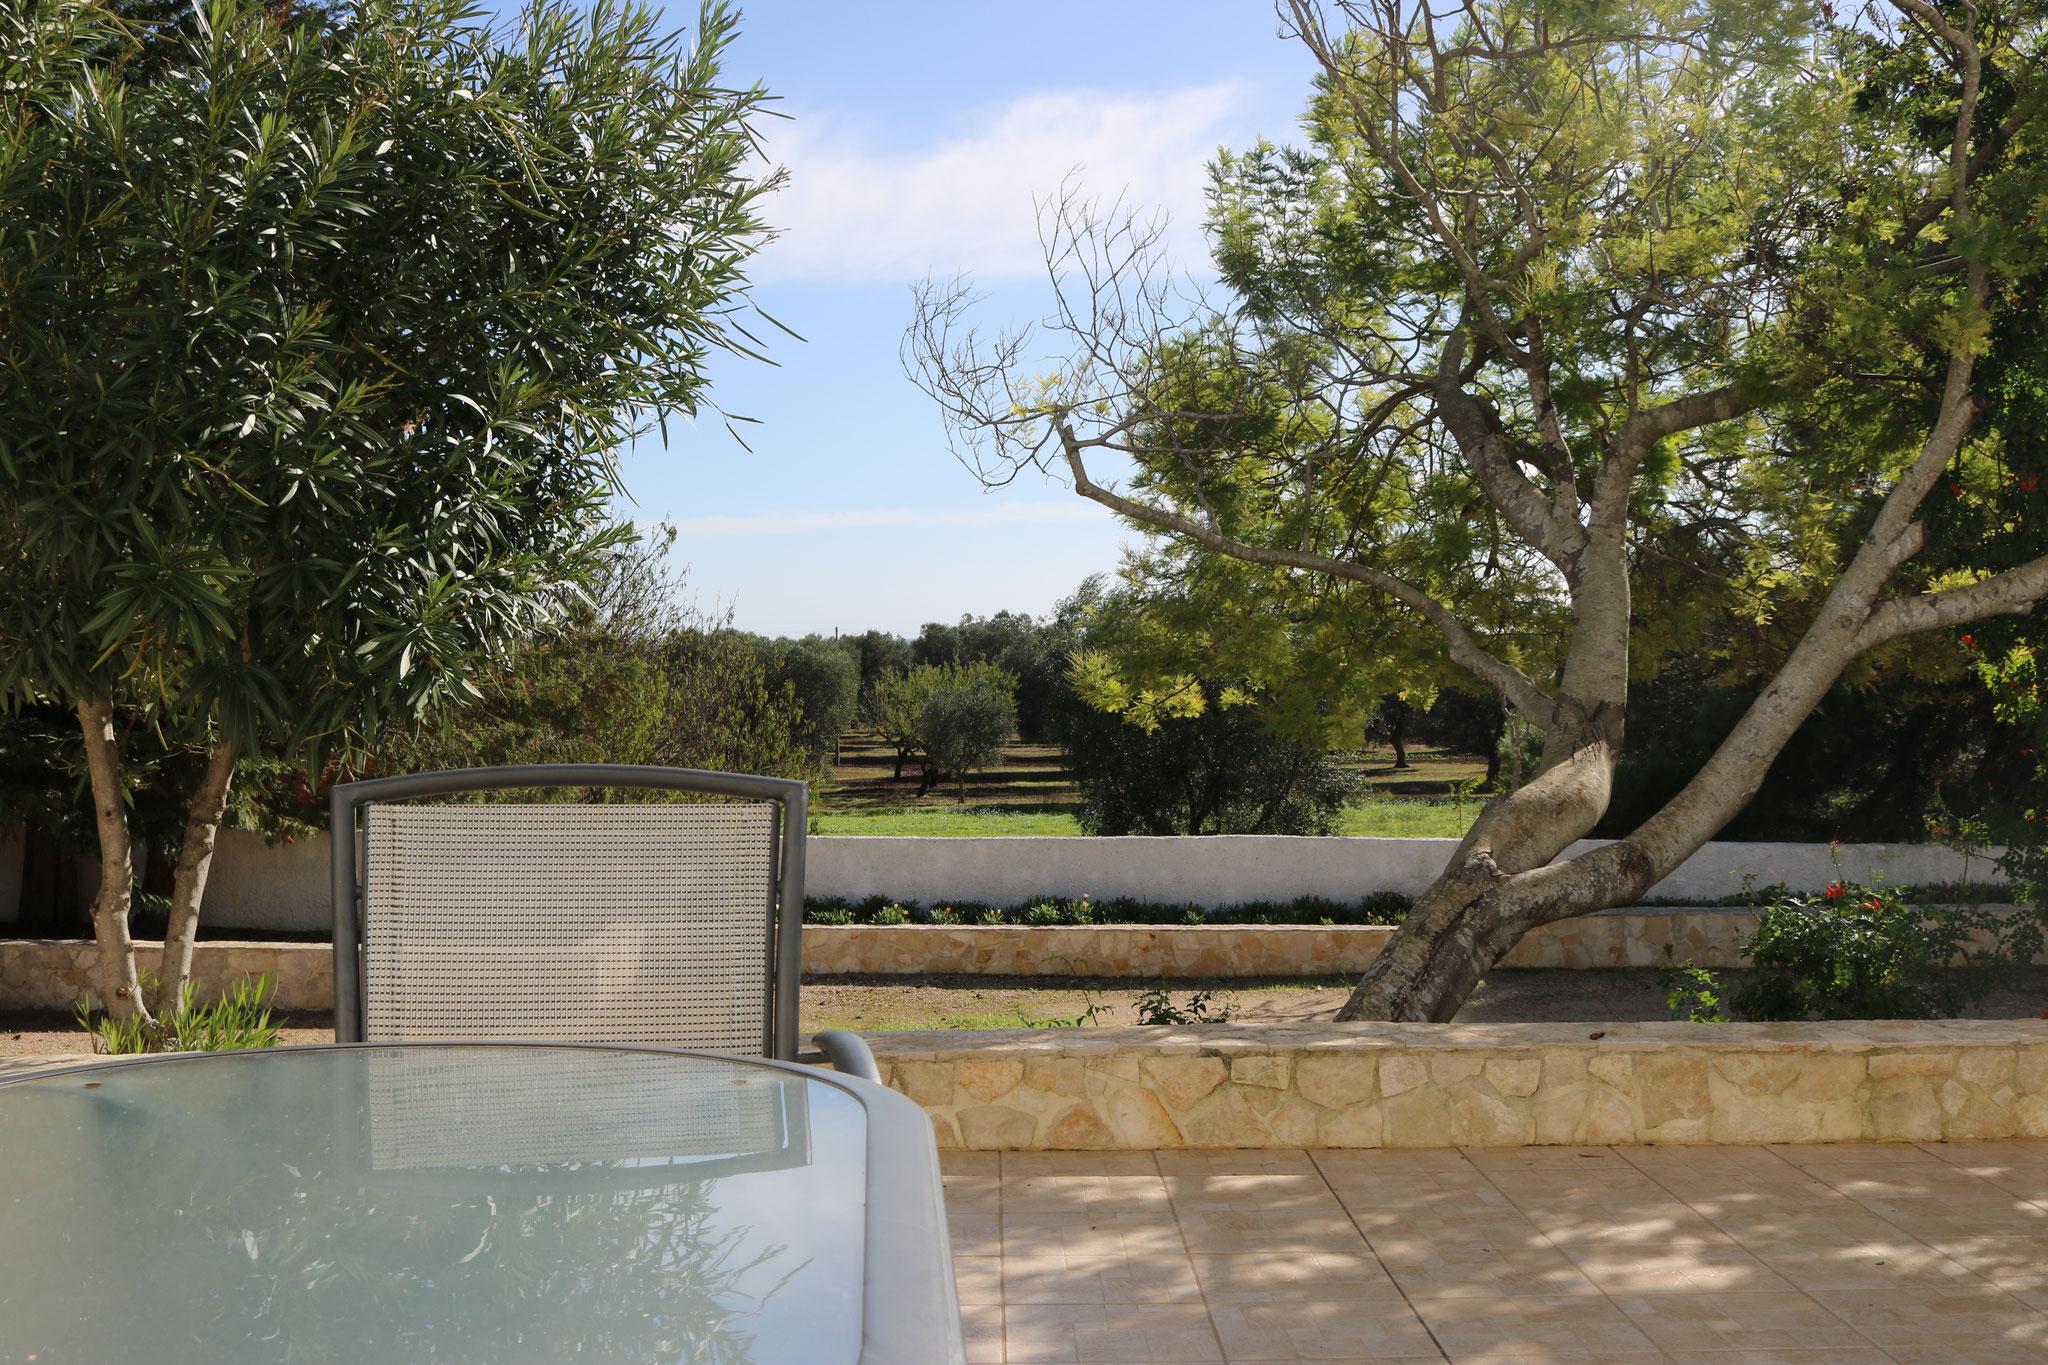 Lecce 5 - Terras met uitzicht op olijfbomen.